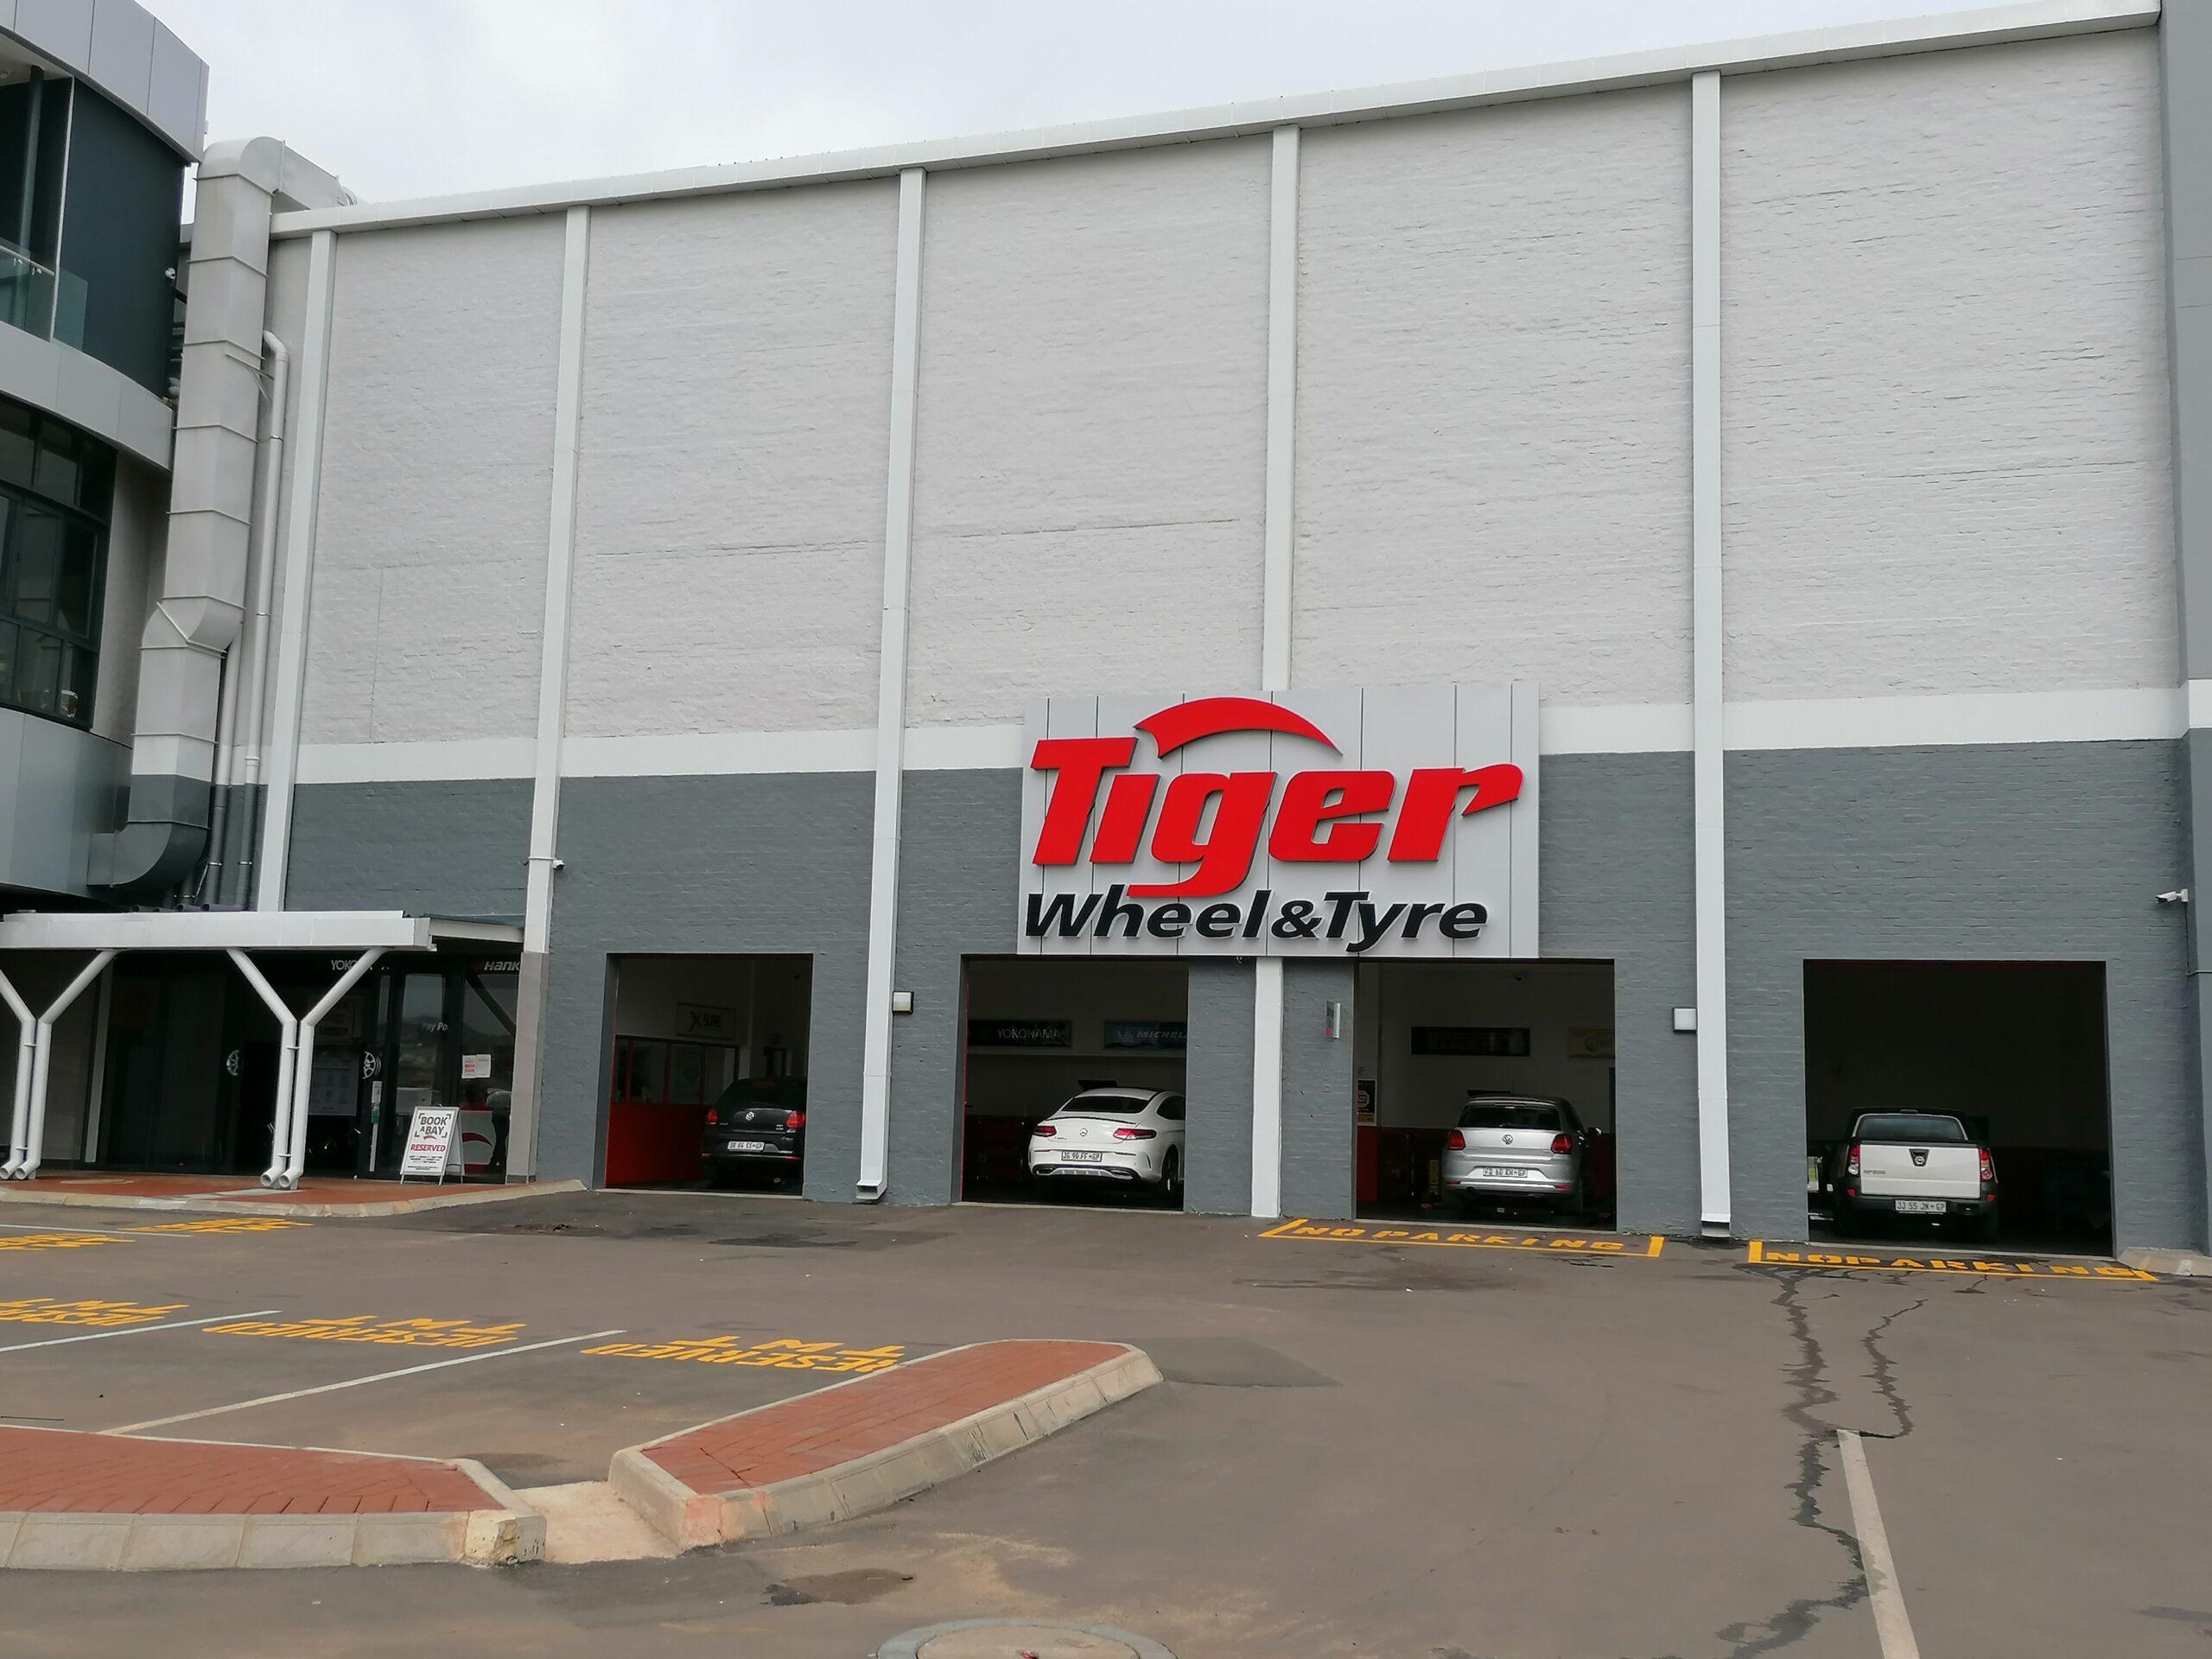 TIGER WHEEL & TYRE TEMBISA CELEBRATES SUCCESSFUL OPENING